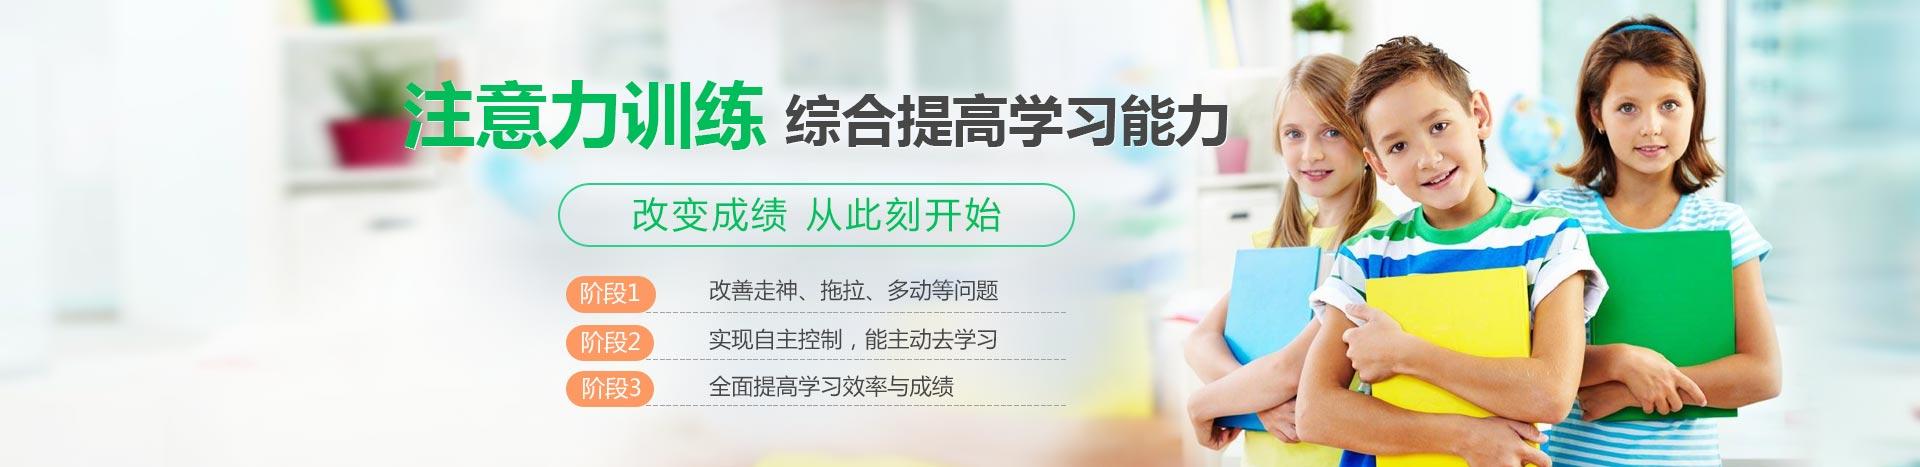 金博智慧青少年注意力训练北京校区